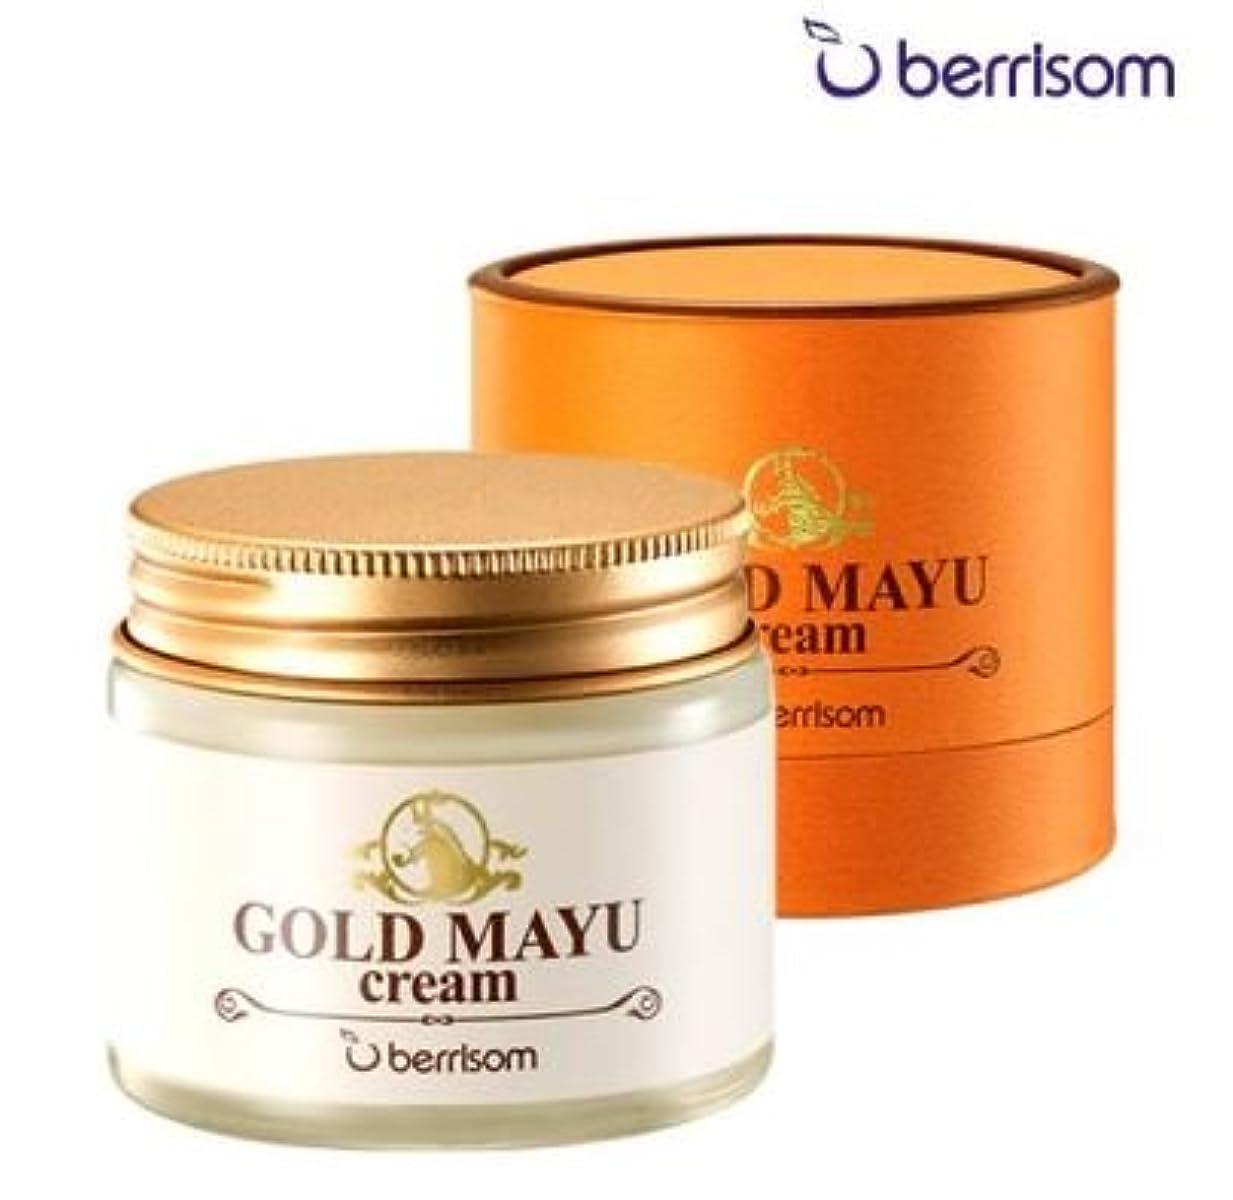 満たすプラカード暖かくBerrisom(ベリサム) ゴールド 馬油クリーム/Gold Mayu Cream/Horse Oil Cream(70g) [並行輸入品]